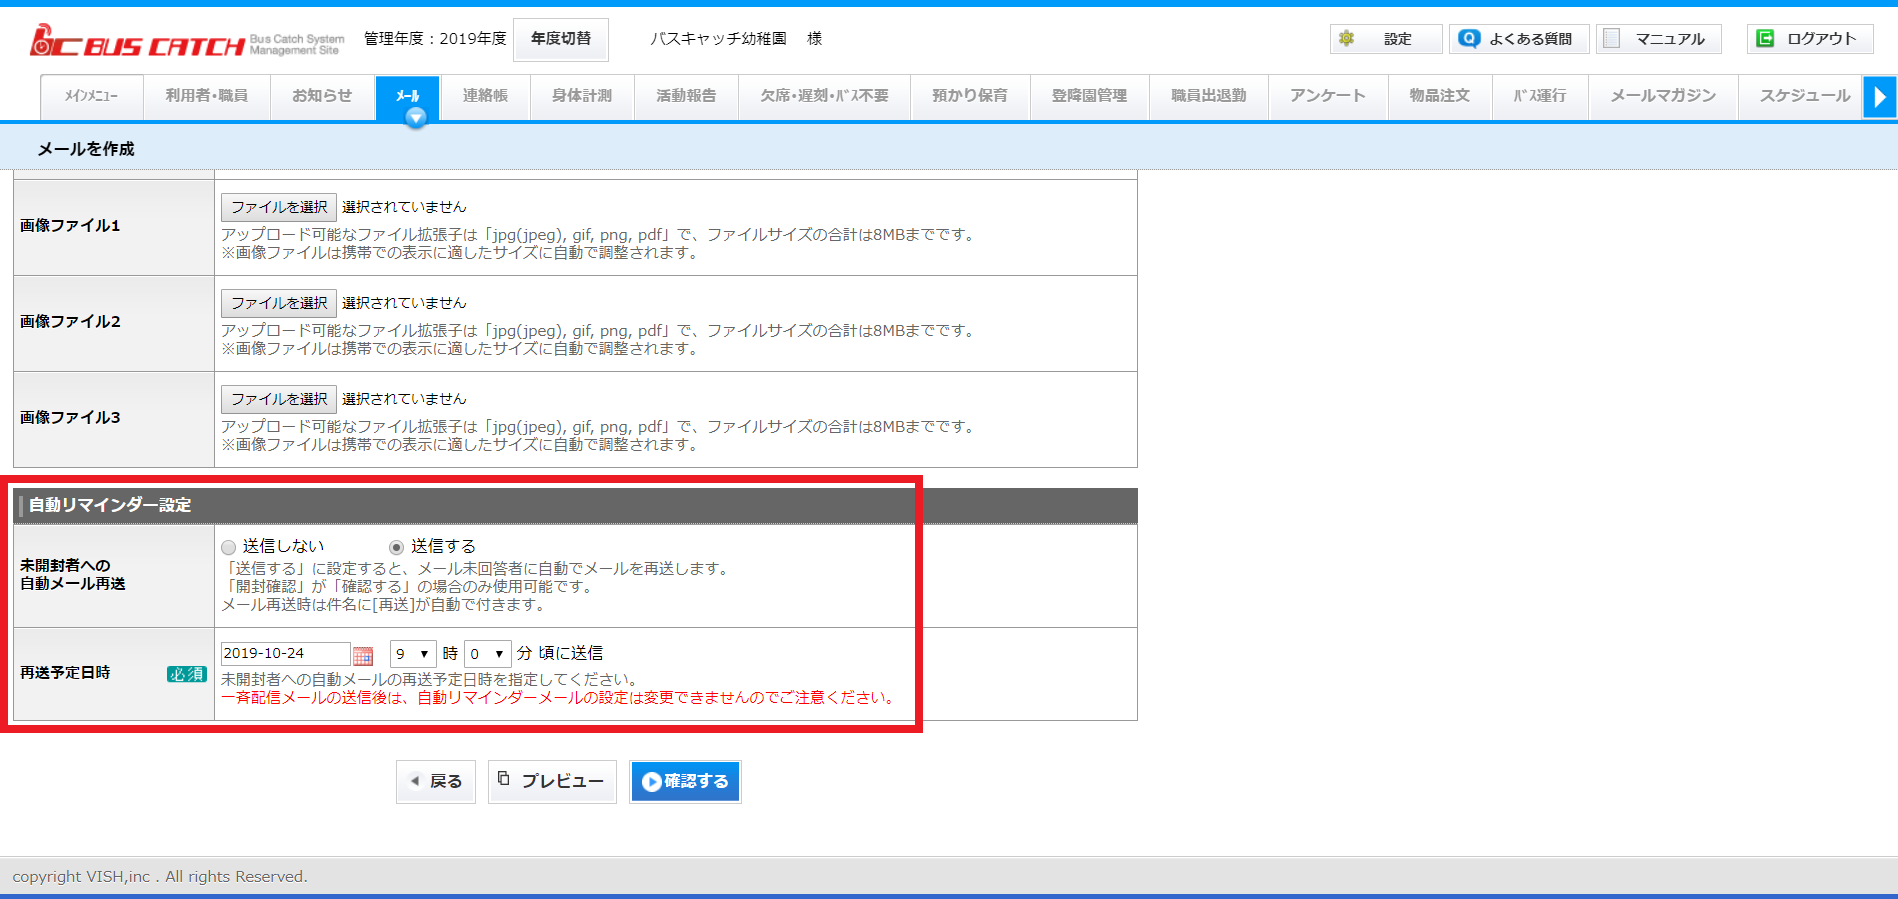 ありそうでなかった!開封確認メールの自動再送機能を追加!関連記事を表示最近の投稿カテゴリーアーカイブ化